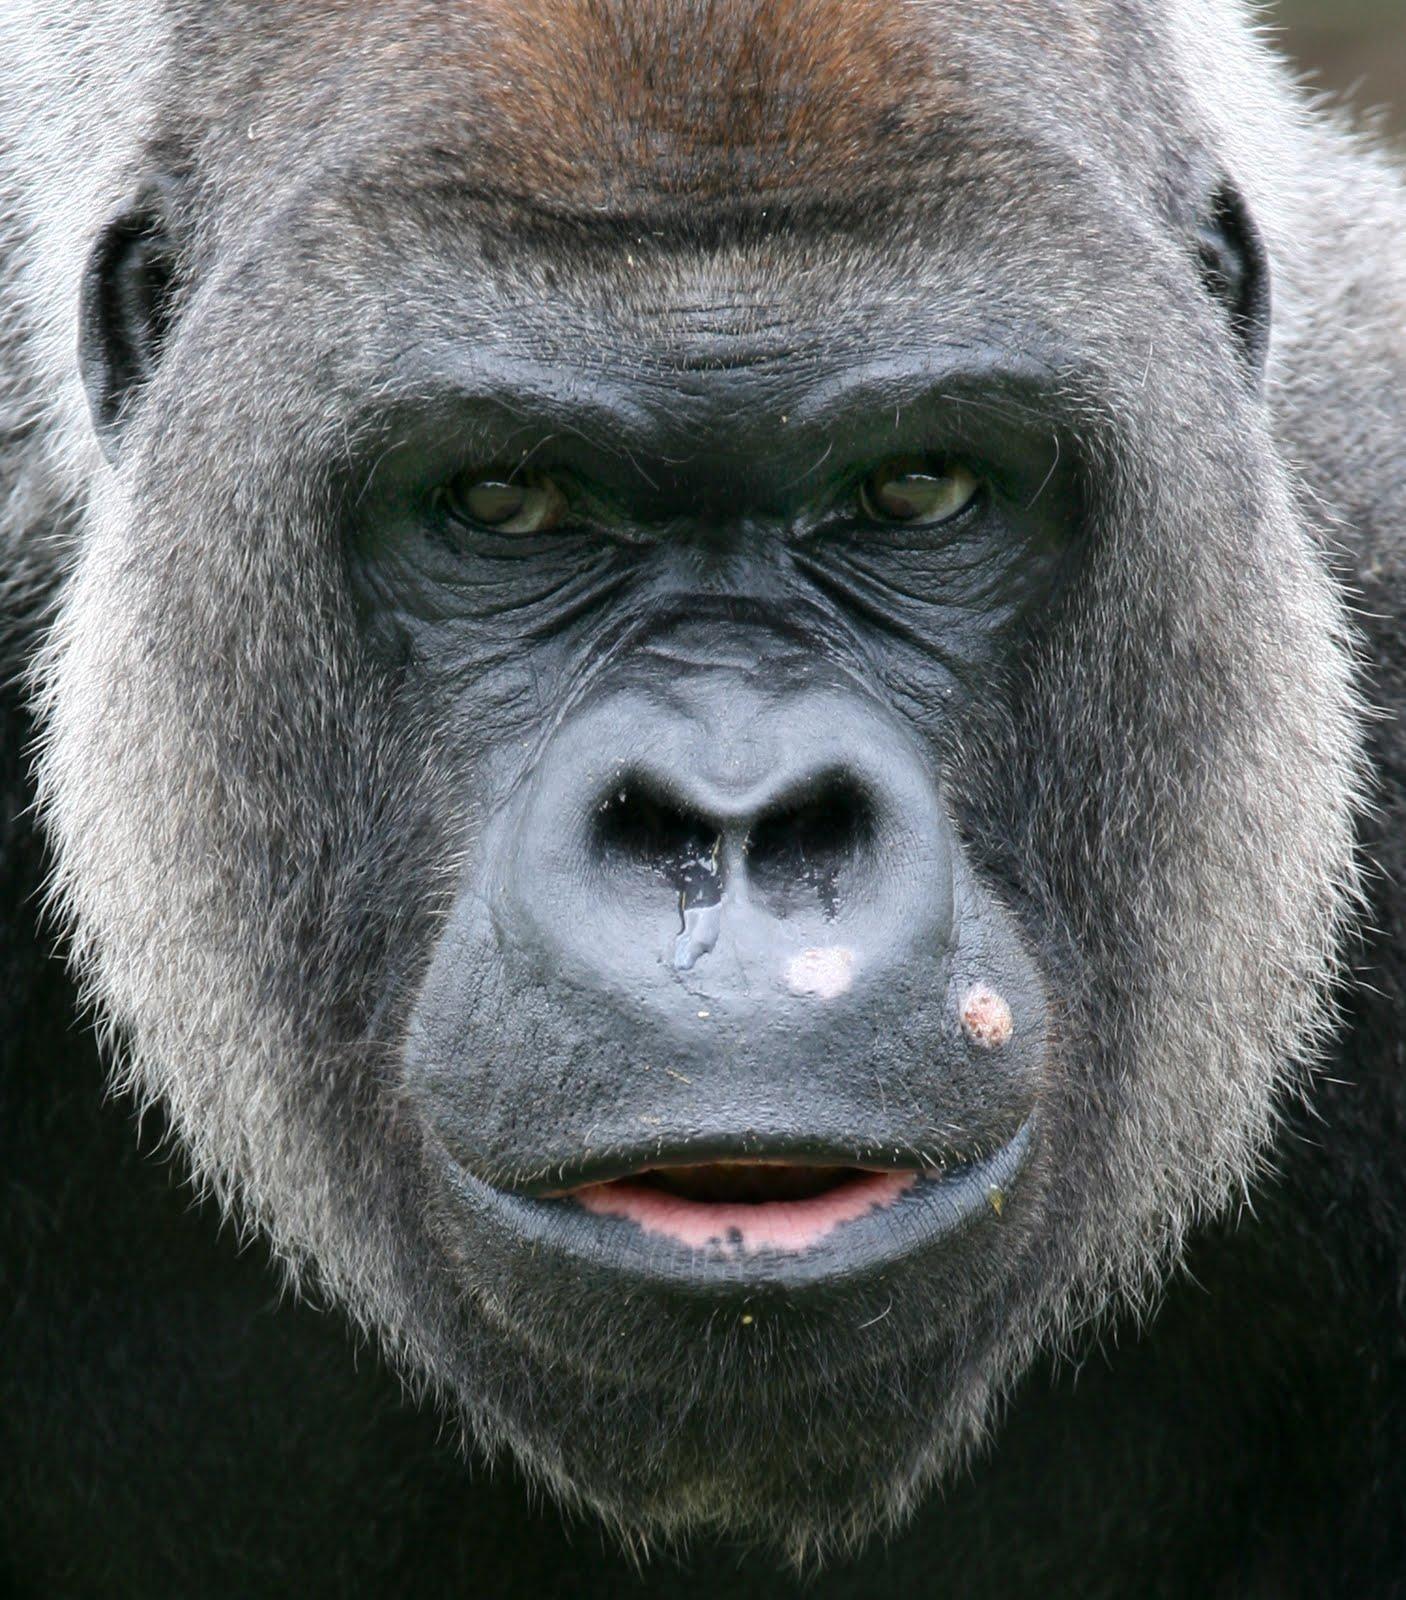 les photos de Claire: Gorillas